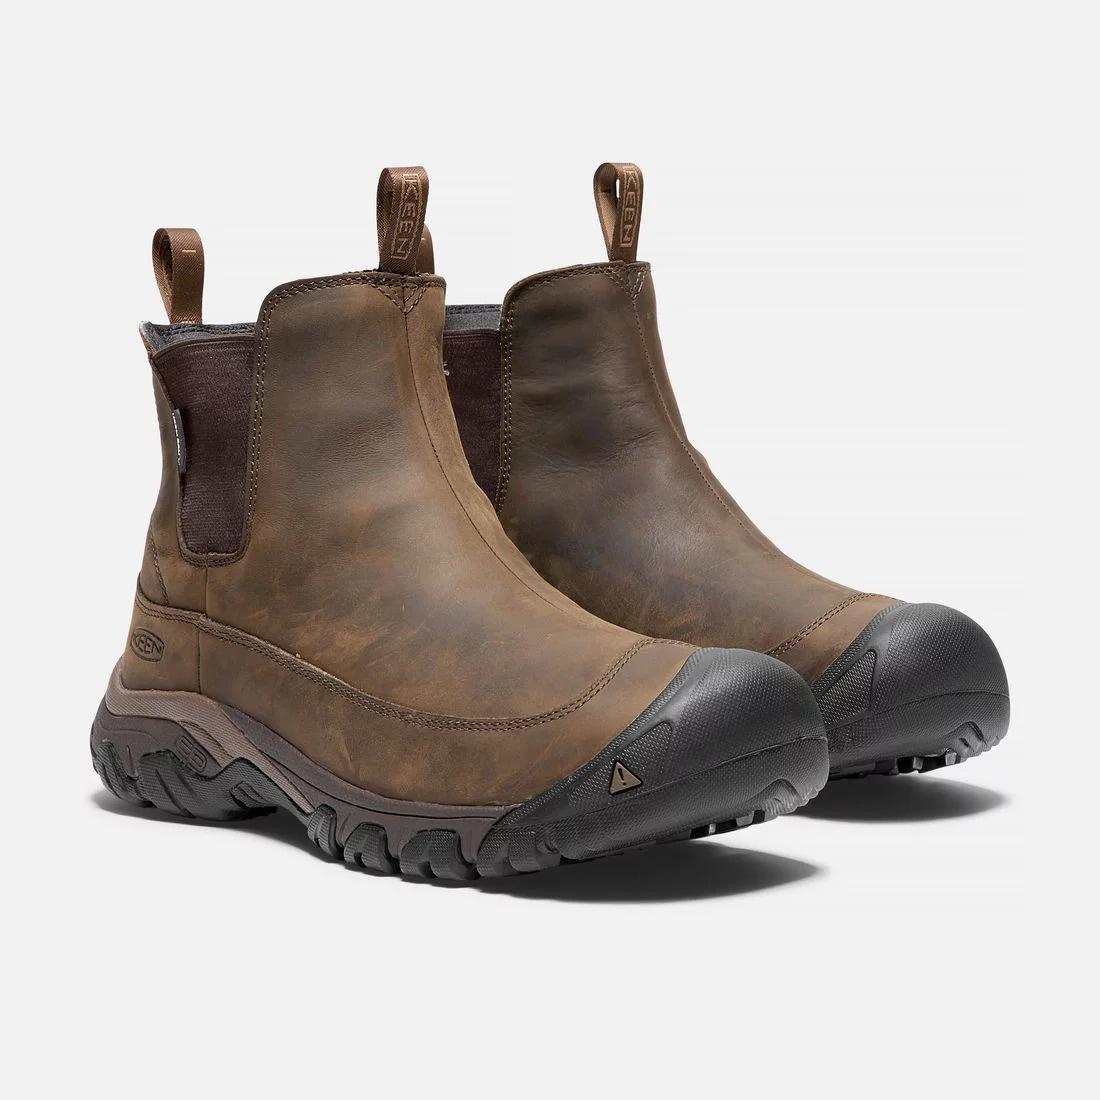 防水レザーで雨雪をガード! 「キーン」の高機能ブーツがあれば、もう悪天候は怖くない。